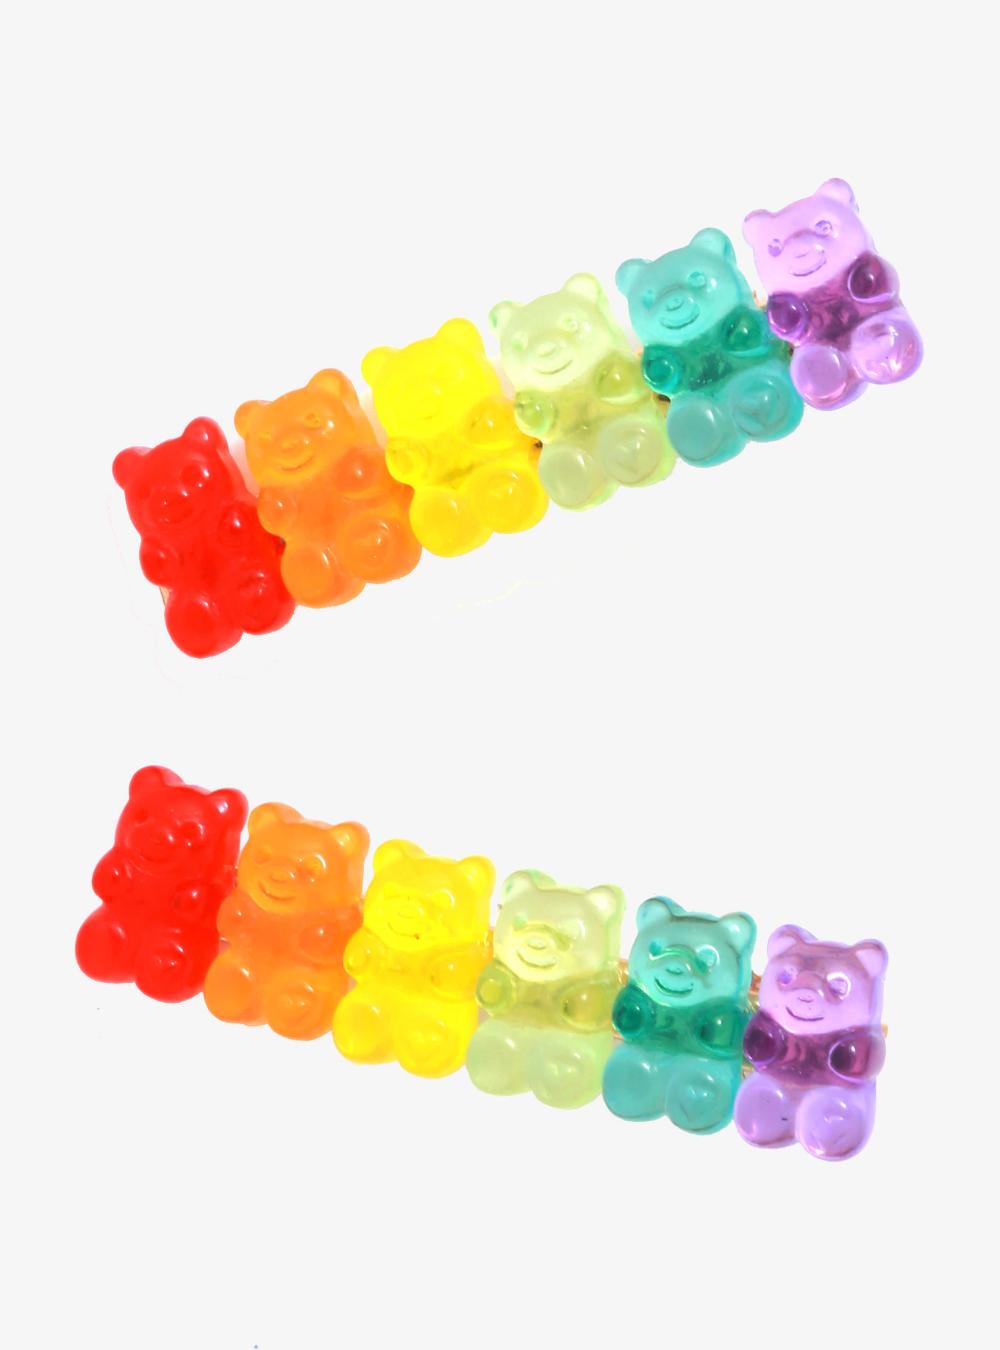 Rainbow Candy Bear Hair Clip Set In 2020 Rainbow Candy Kawaii Accessories Hair Clips